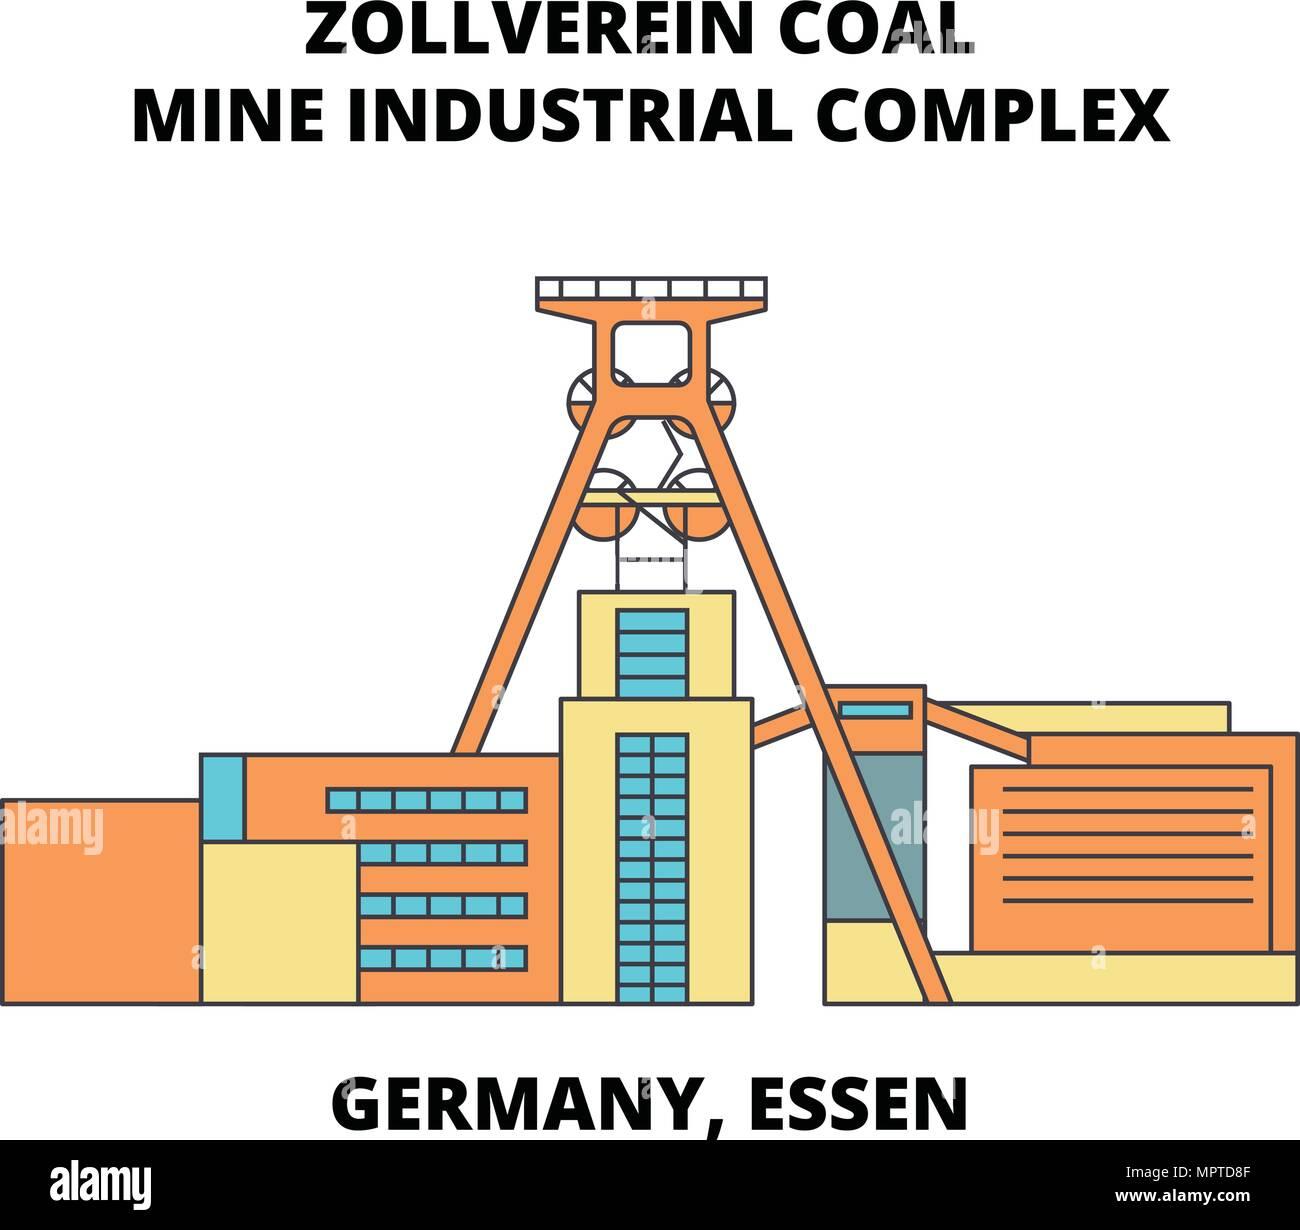 Germany, Essen, Zollverein Coal Mine Industrial Complex line icon concept. Germany, Essen, Zollverein Coal Mine Industrial Complex flat vector sign, symbol, illustration. - Stock Vector